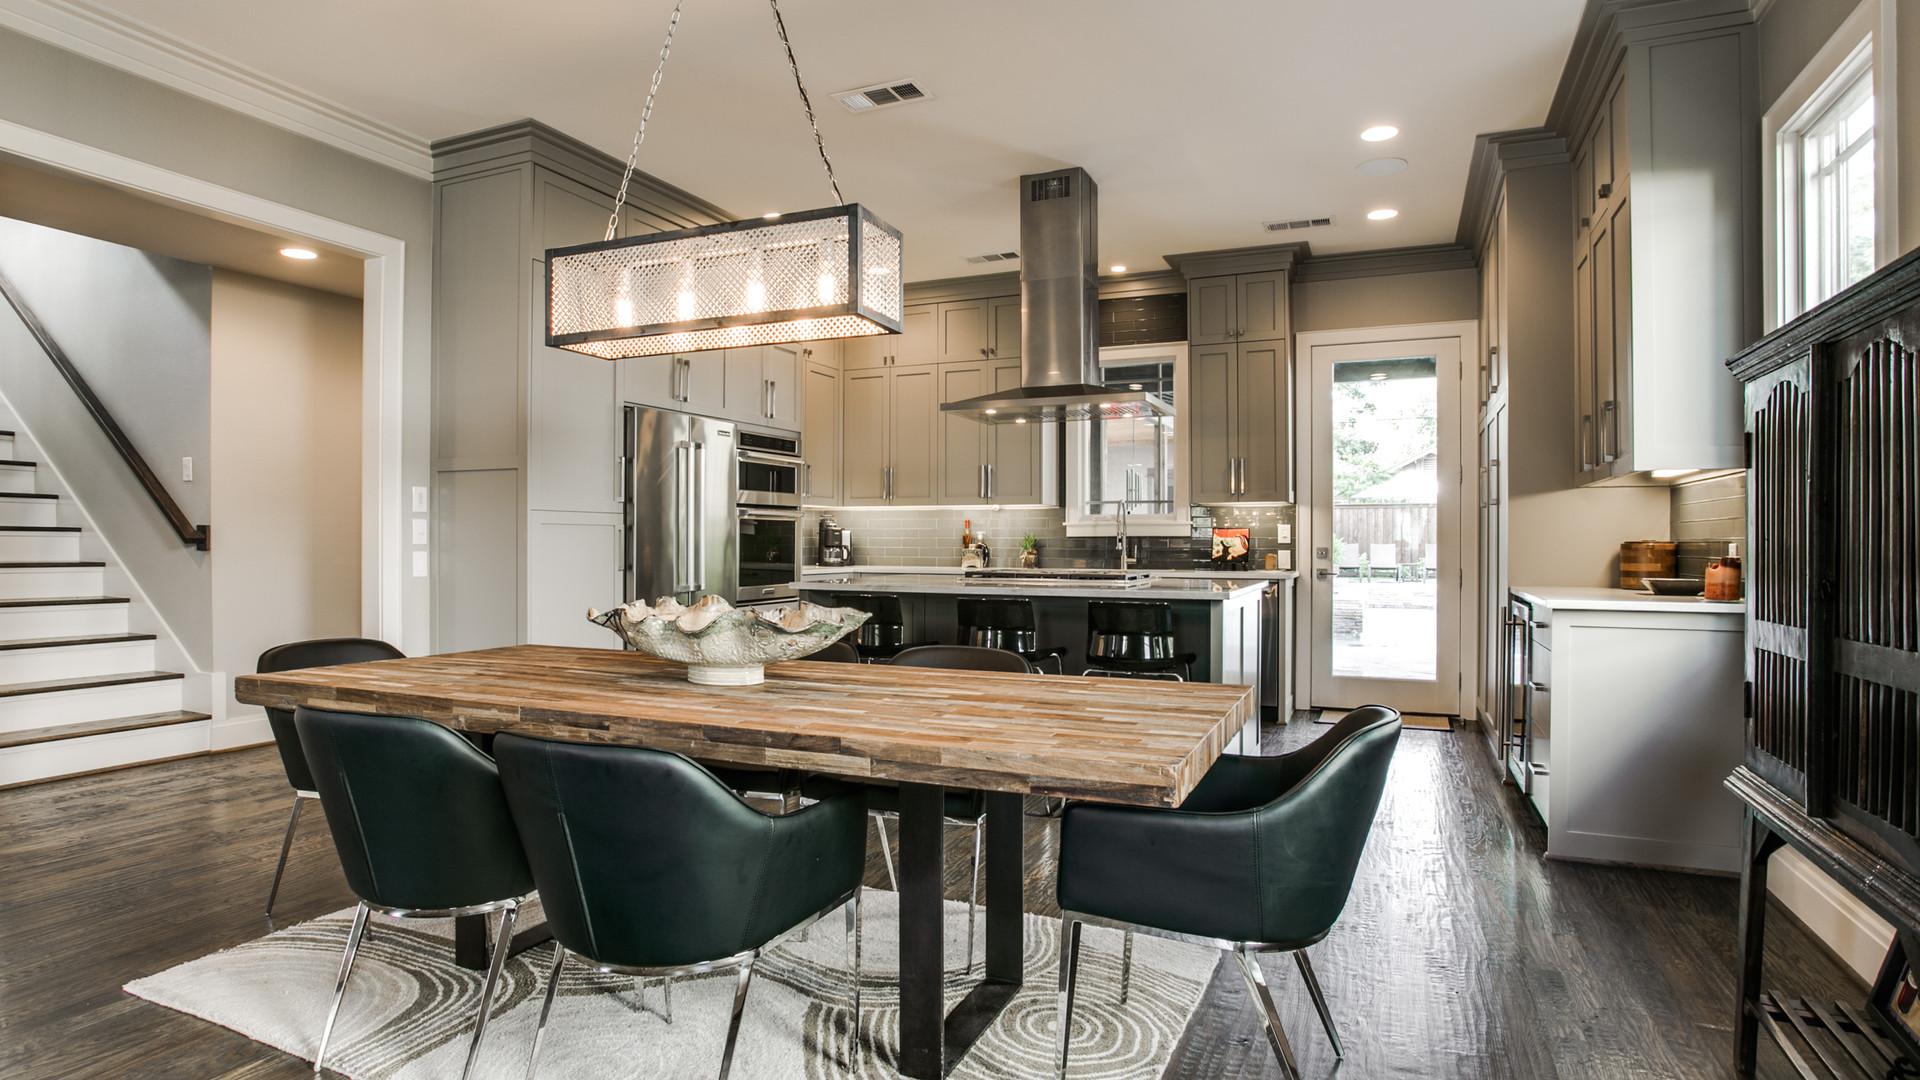 5435-willis dining kitchen.jpg